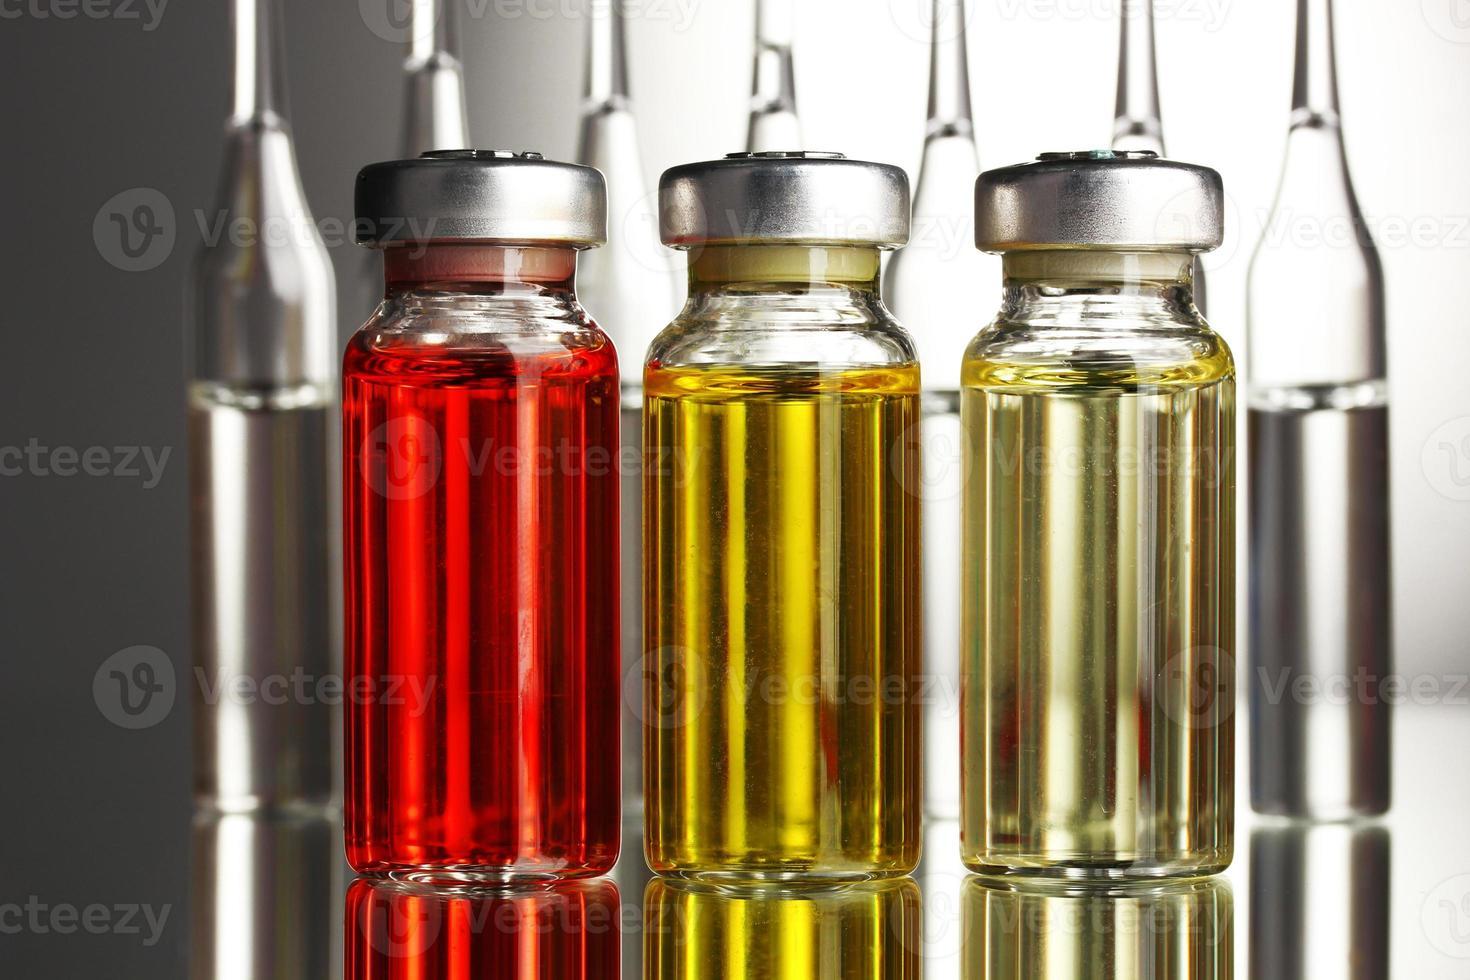 medizinische Ampullen auf grauem Hintergrund foto